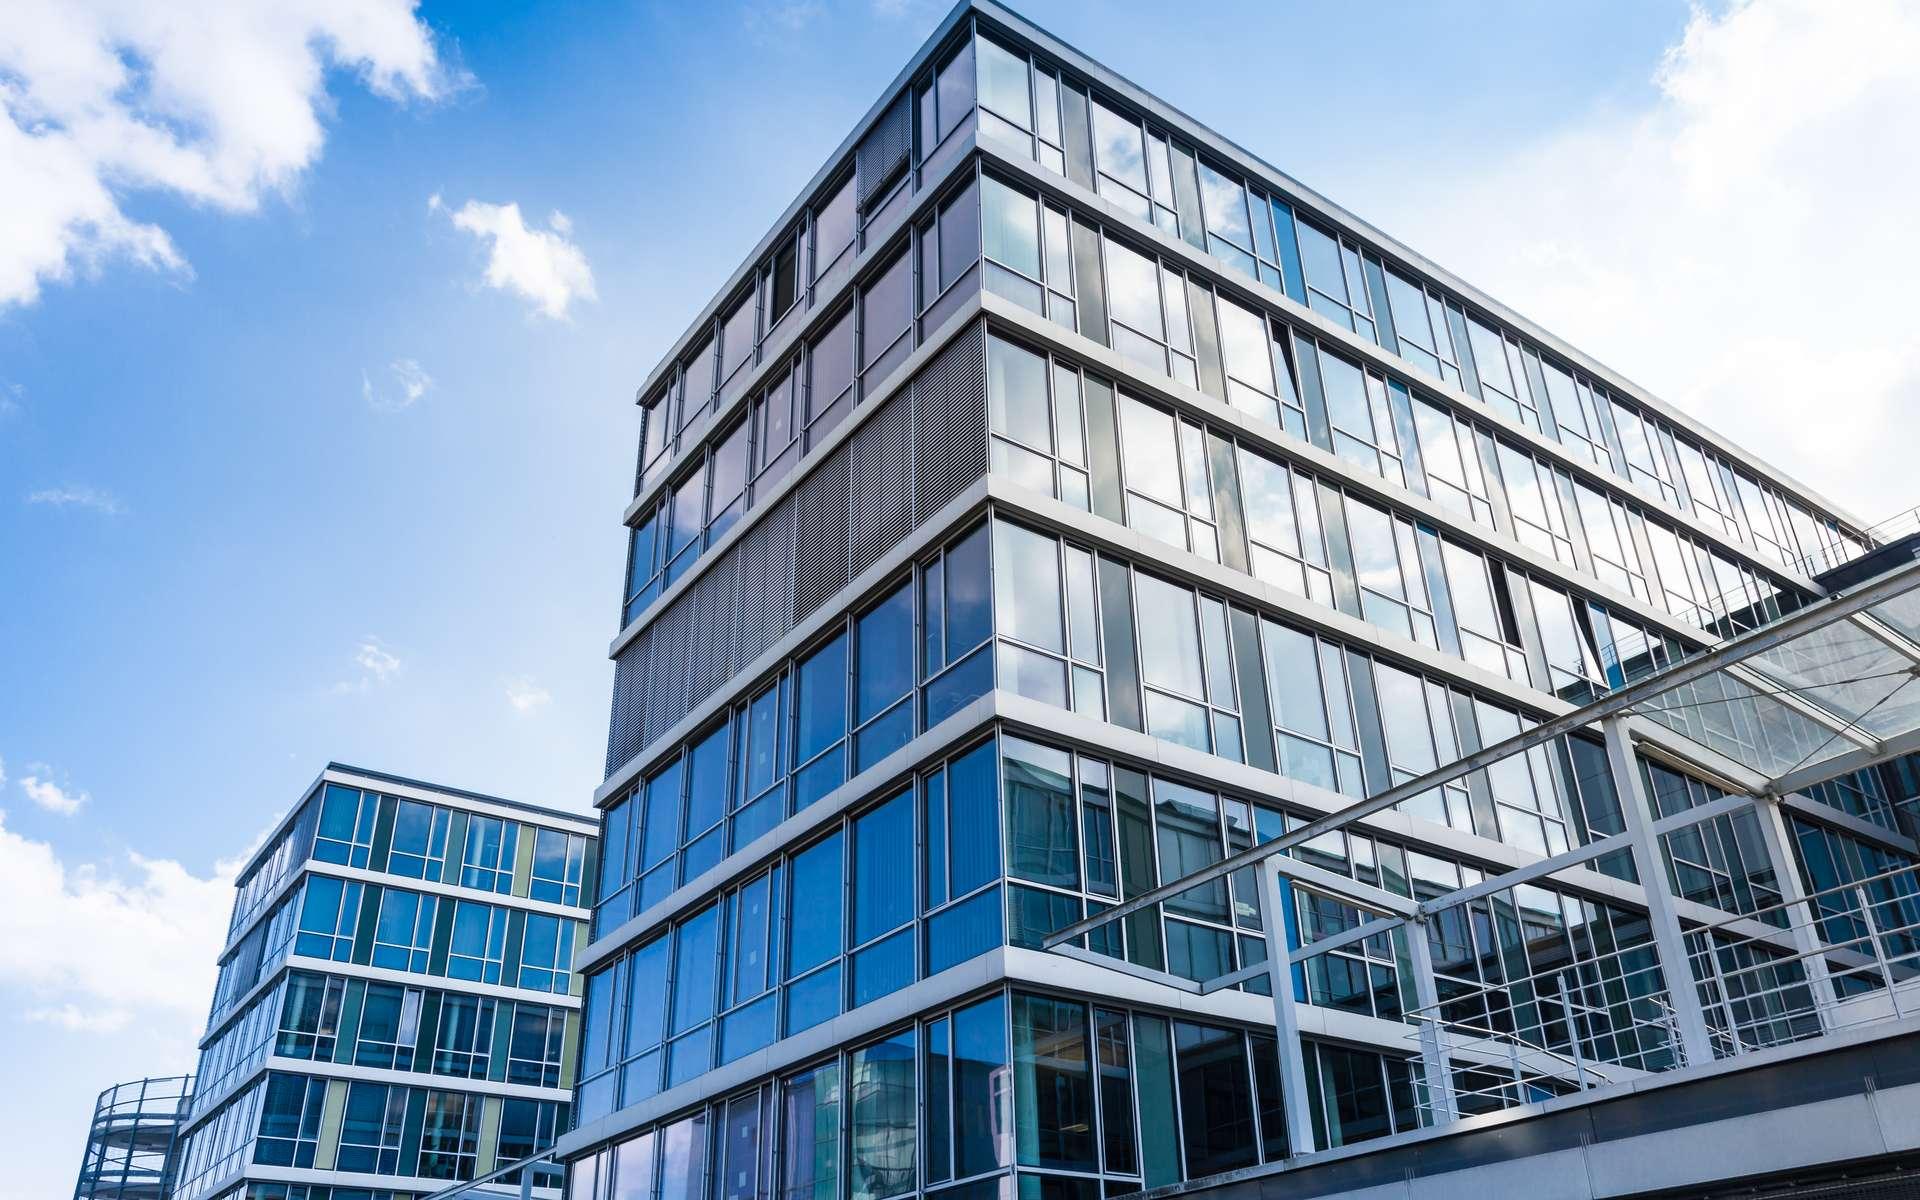 L'investissement sur les SCPI a connu une forte croissance en 2020. © Tiberius Gracchus, Adobe Stock